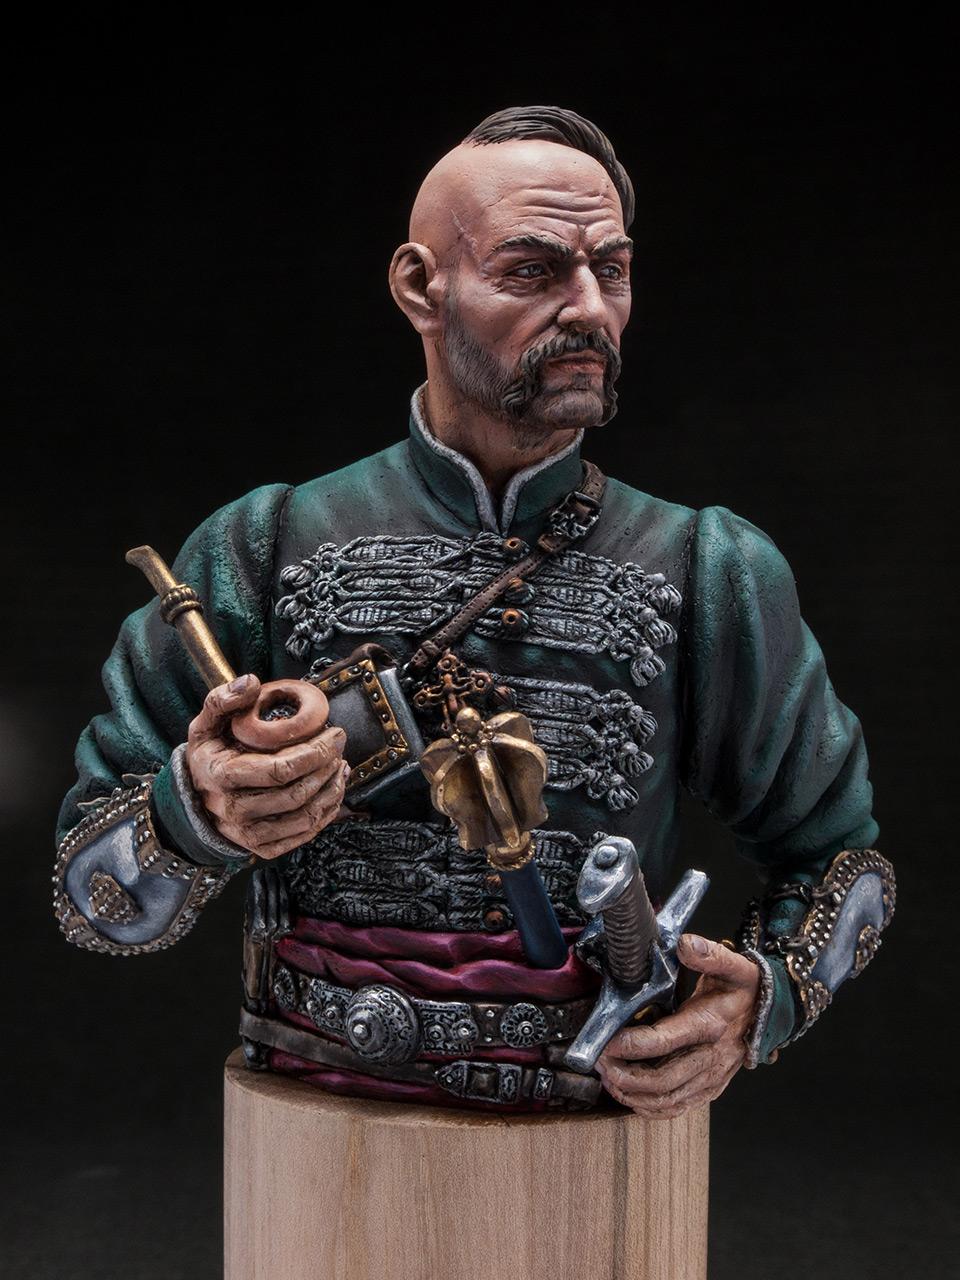 Figures: Ivan Sirko, photo #1